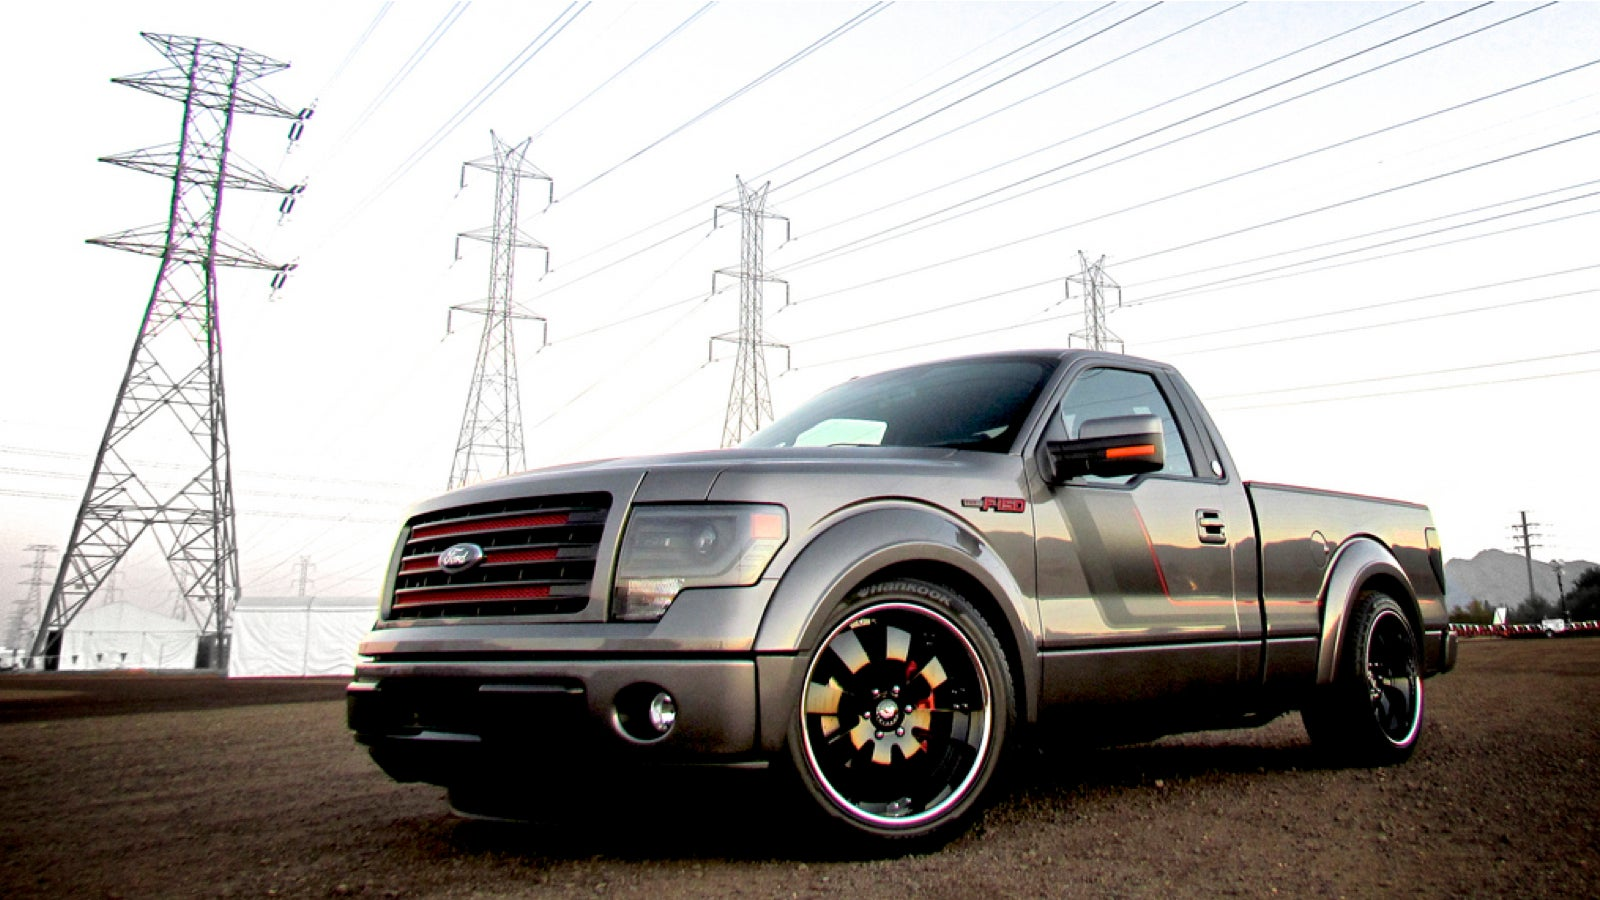 tuner built ford f 150 tremor street truck. Black Bedroom Furniture Sets. Home Design Ideas